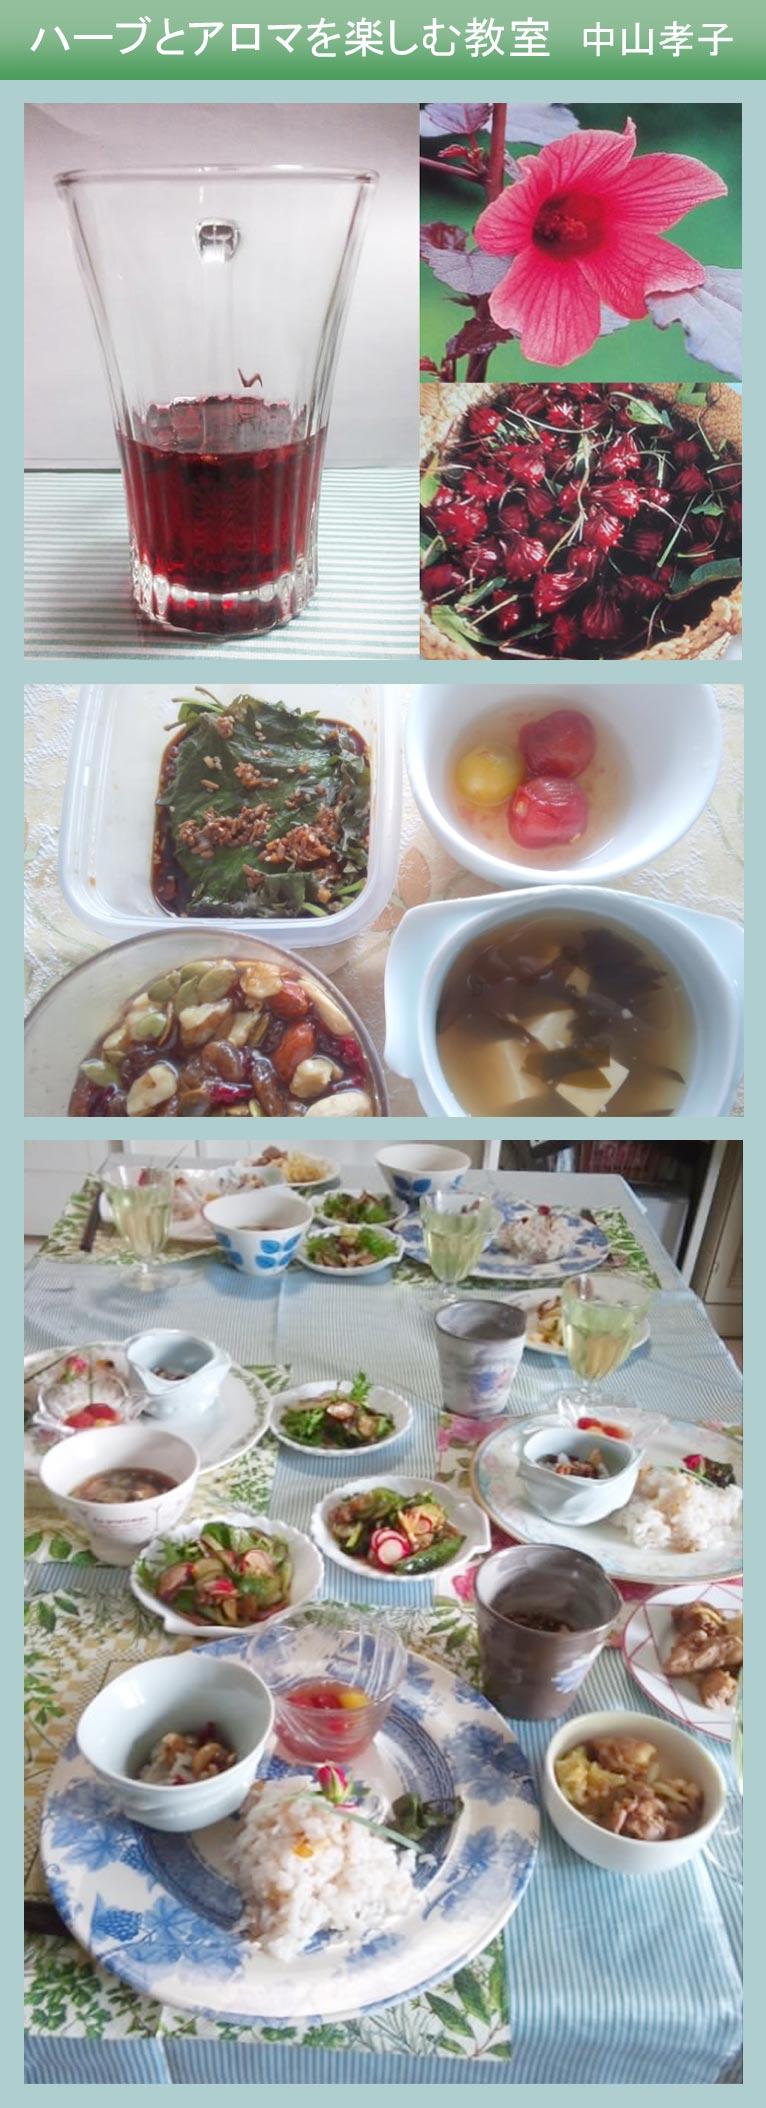 7月6・9・20・26日 『ハイビスカス酢で夏の食卓』 ハーブとアロマを楽しむ教室 中山孝子